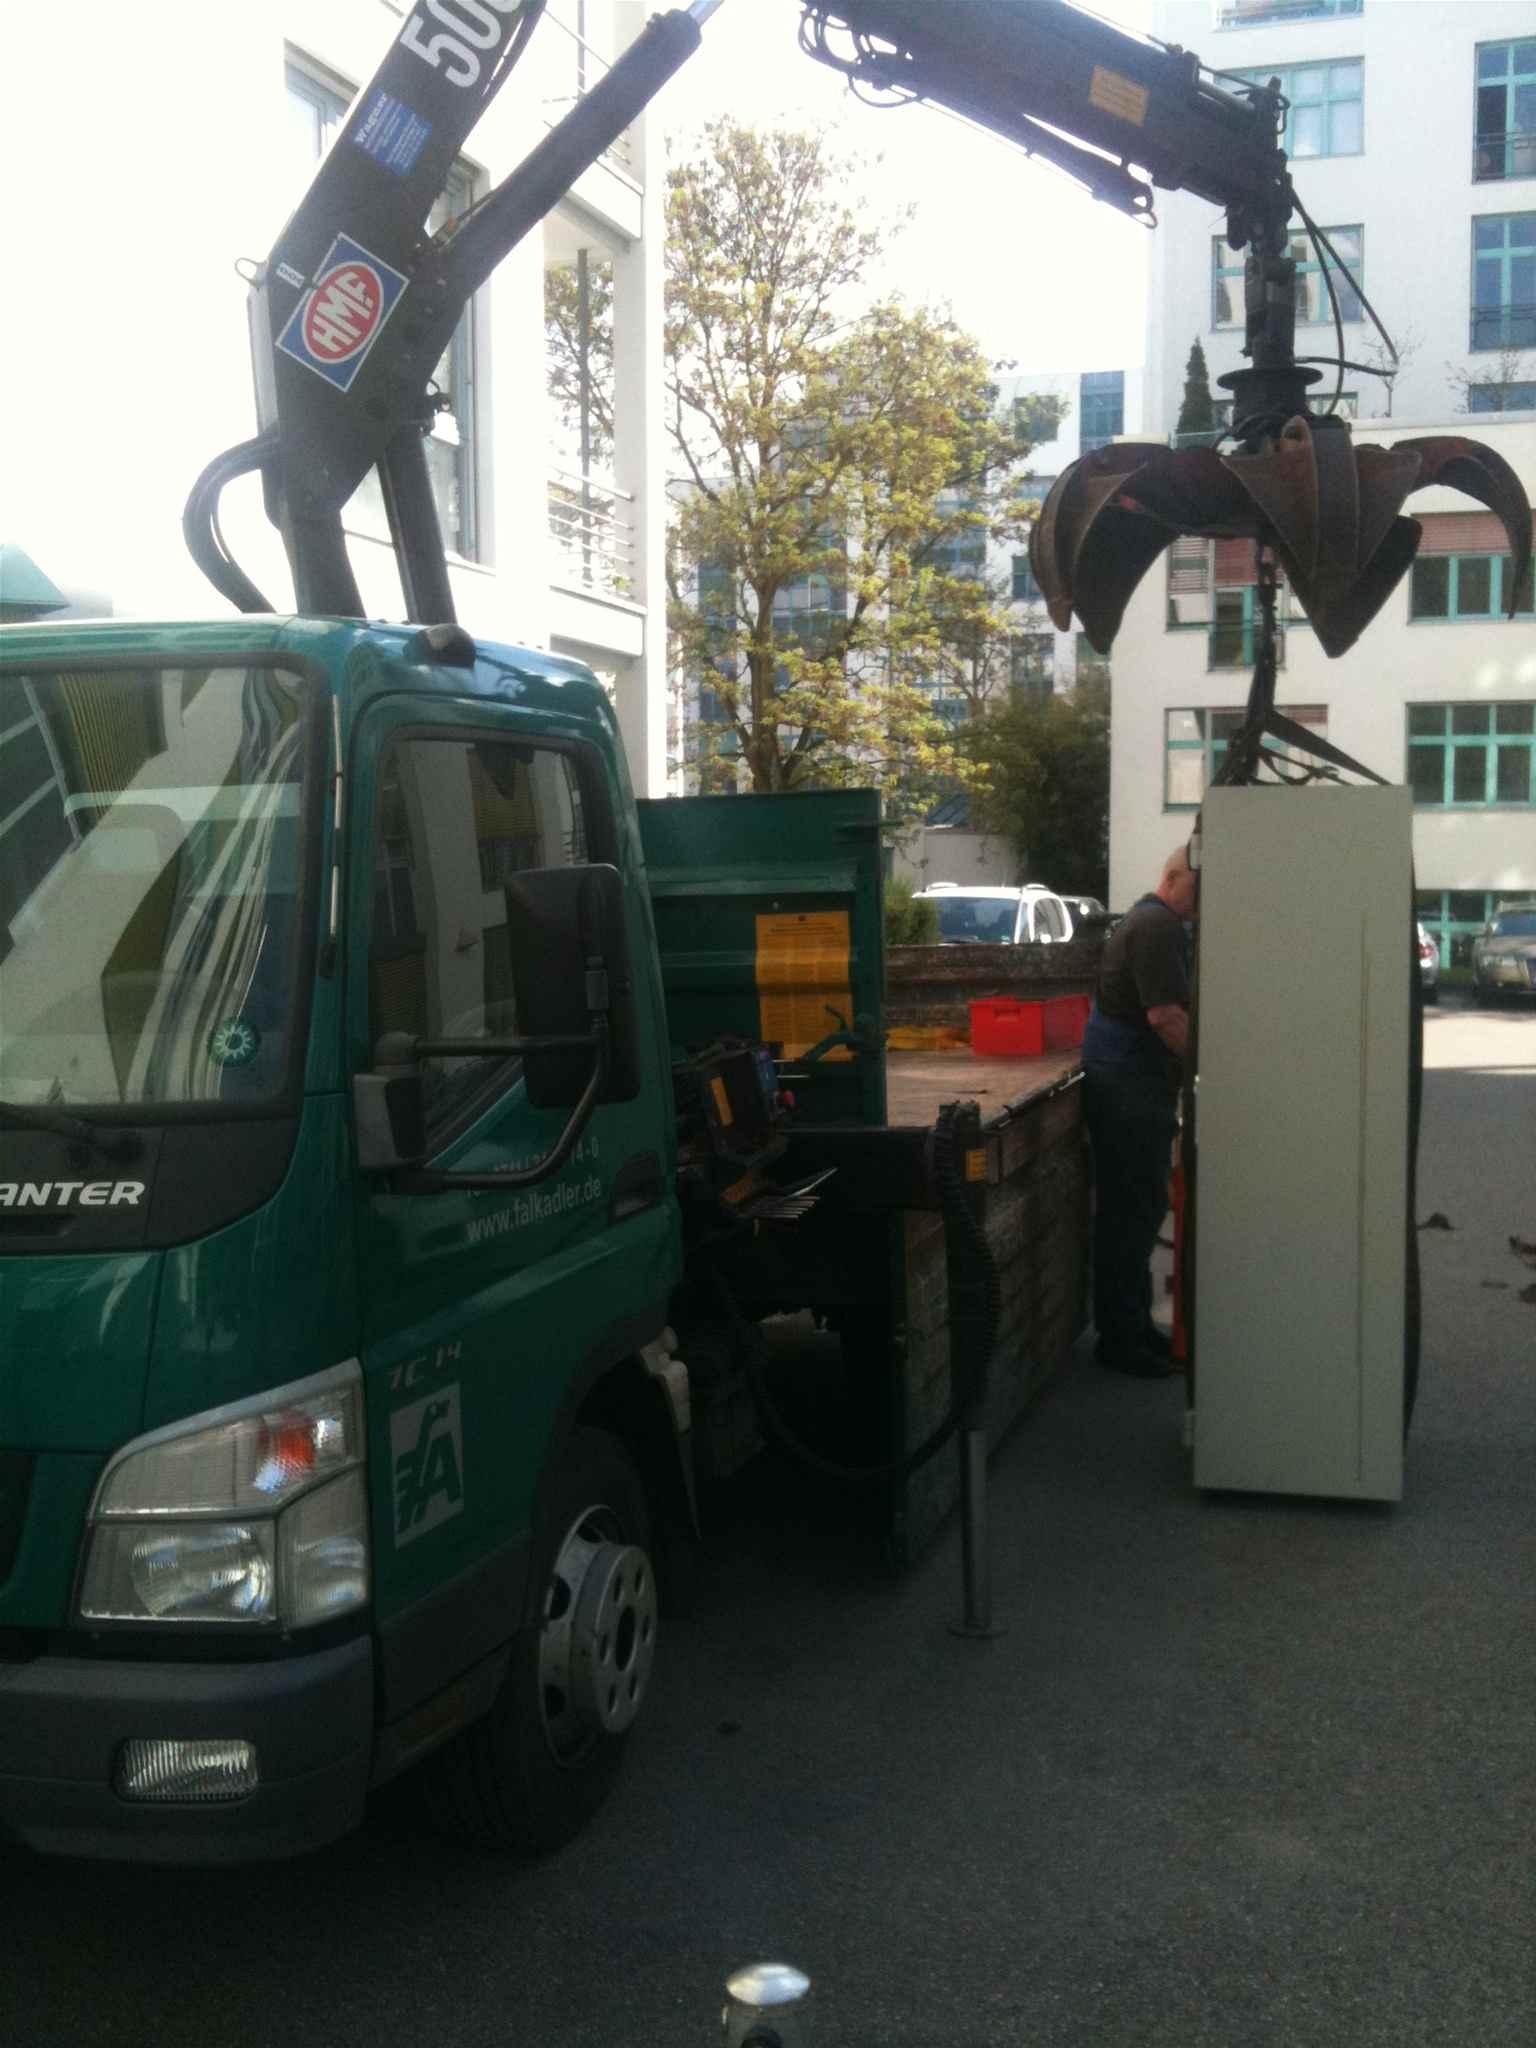 LKW mit Kran. Tresor wird aufgeladen